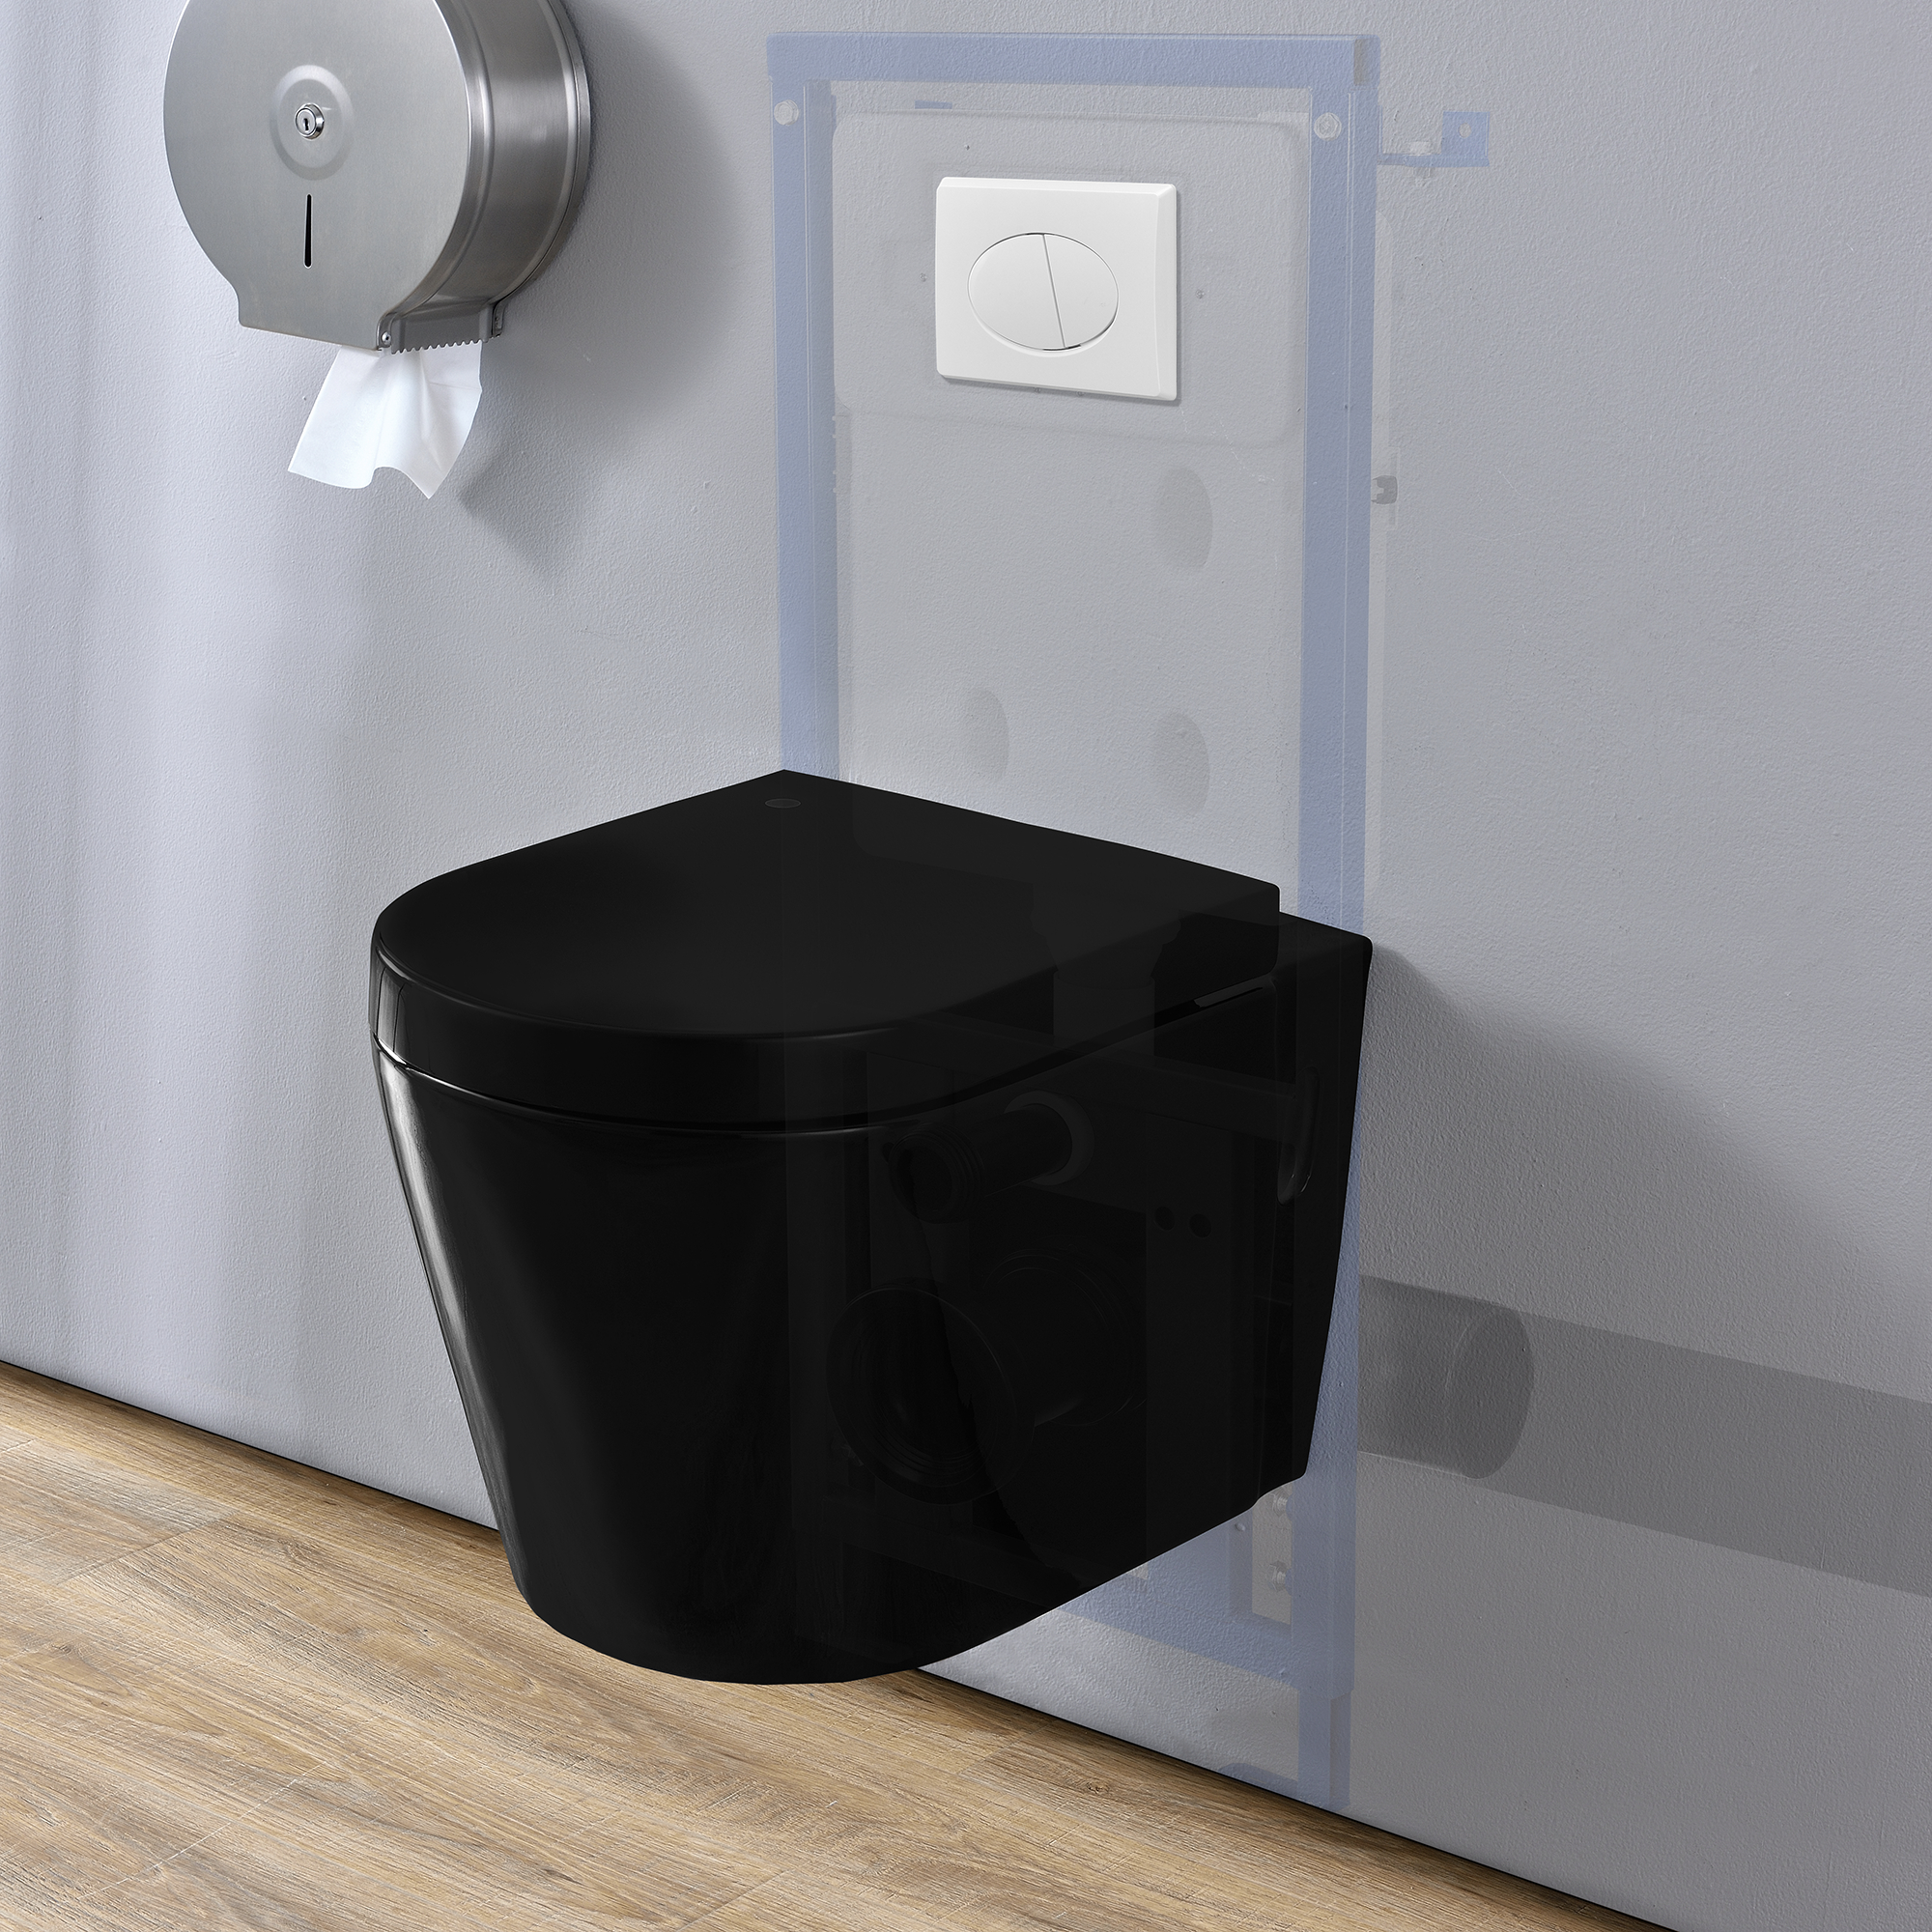 wc vorwandelement sp lkasten h nge wand wc set. Black Bedroom Furniture Sets. Home Design Ideas